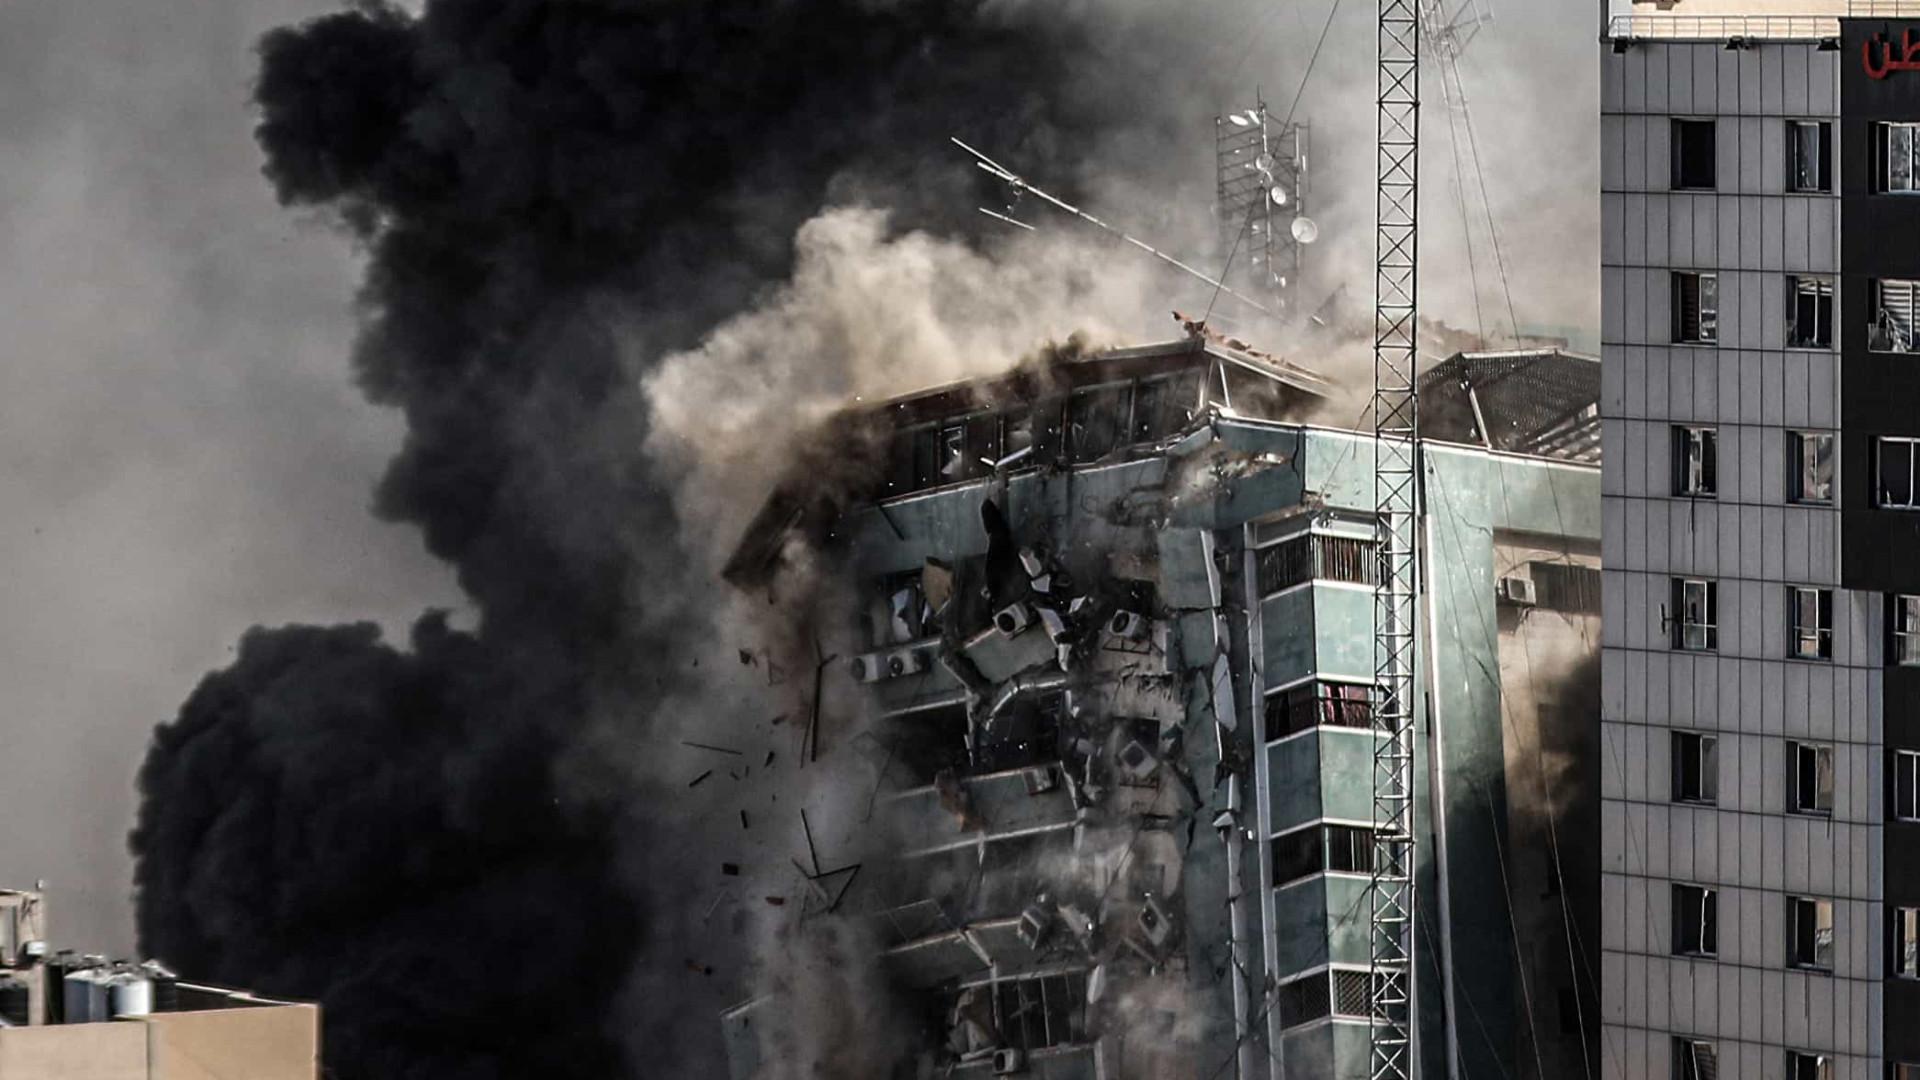 'Ataque a prédio foi necessário porque Hamas usa mídia como escudo', diz porta-voz de Israel